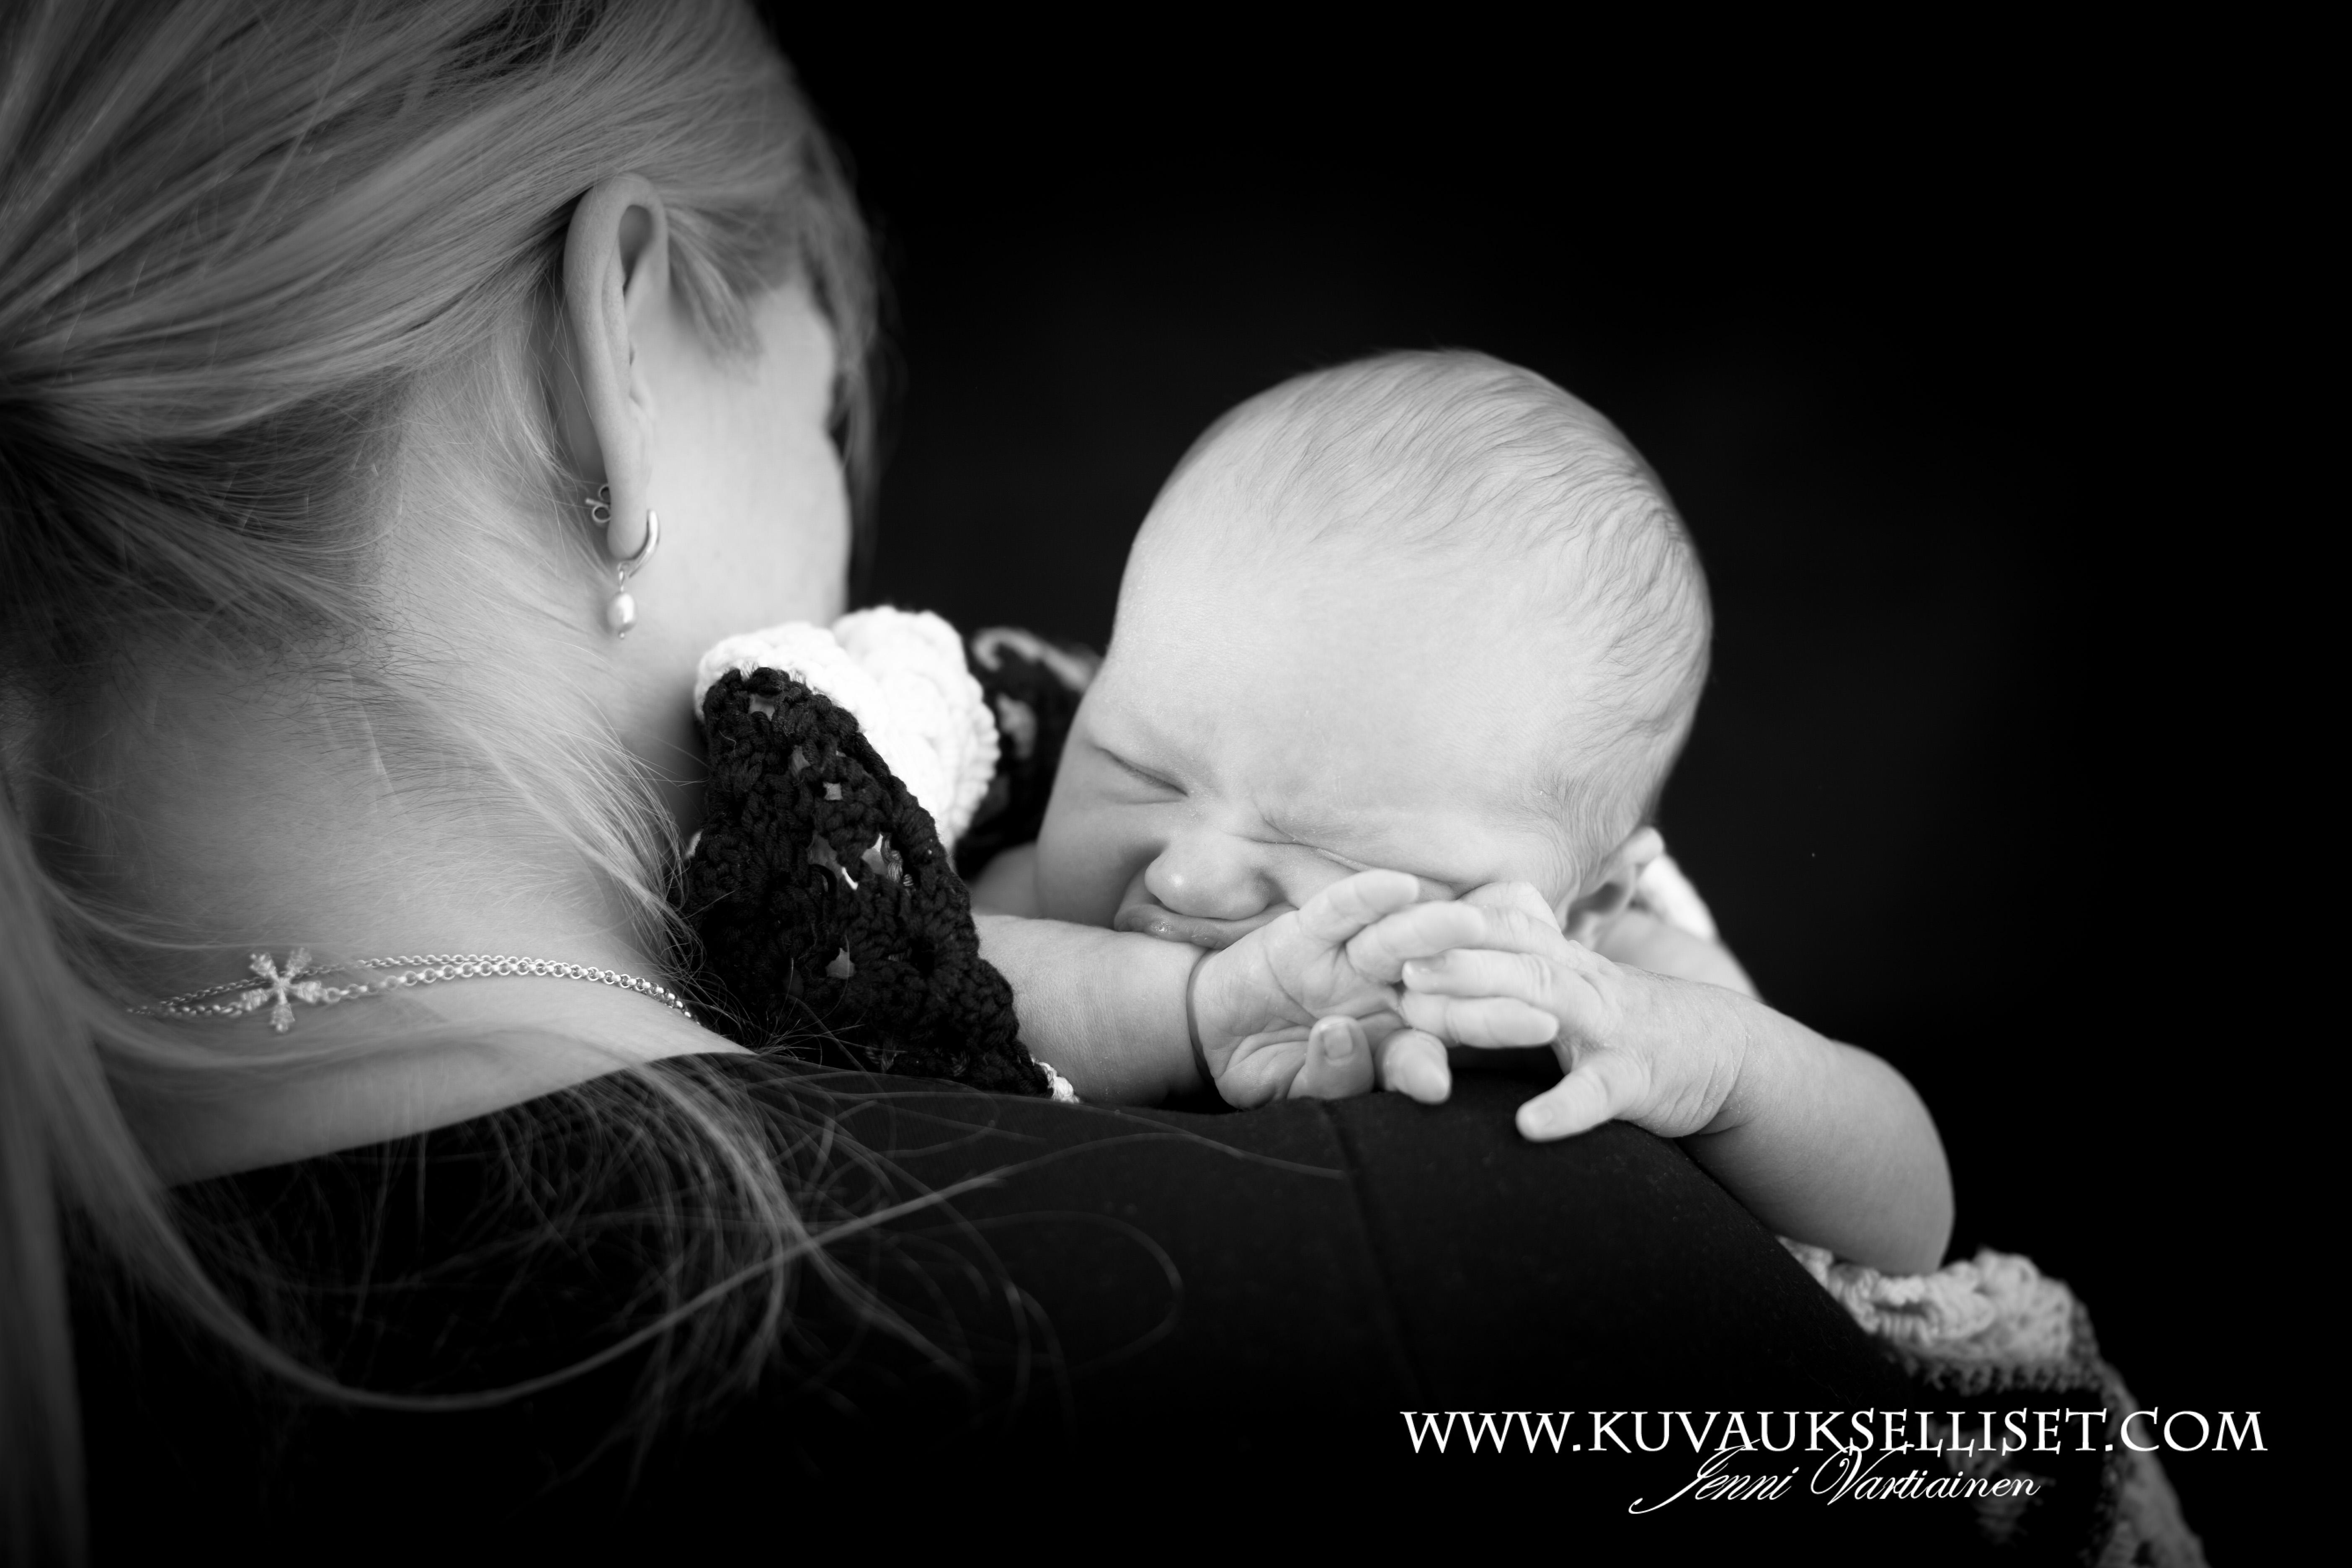 2014.4.8 2014.4.8 vauvakuvaus vastasyntyneen kuvaus studiokuvaus 8